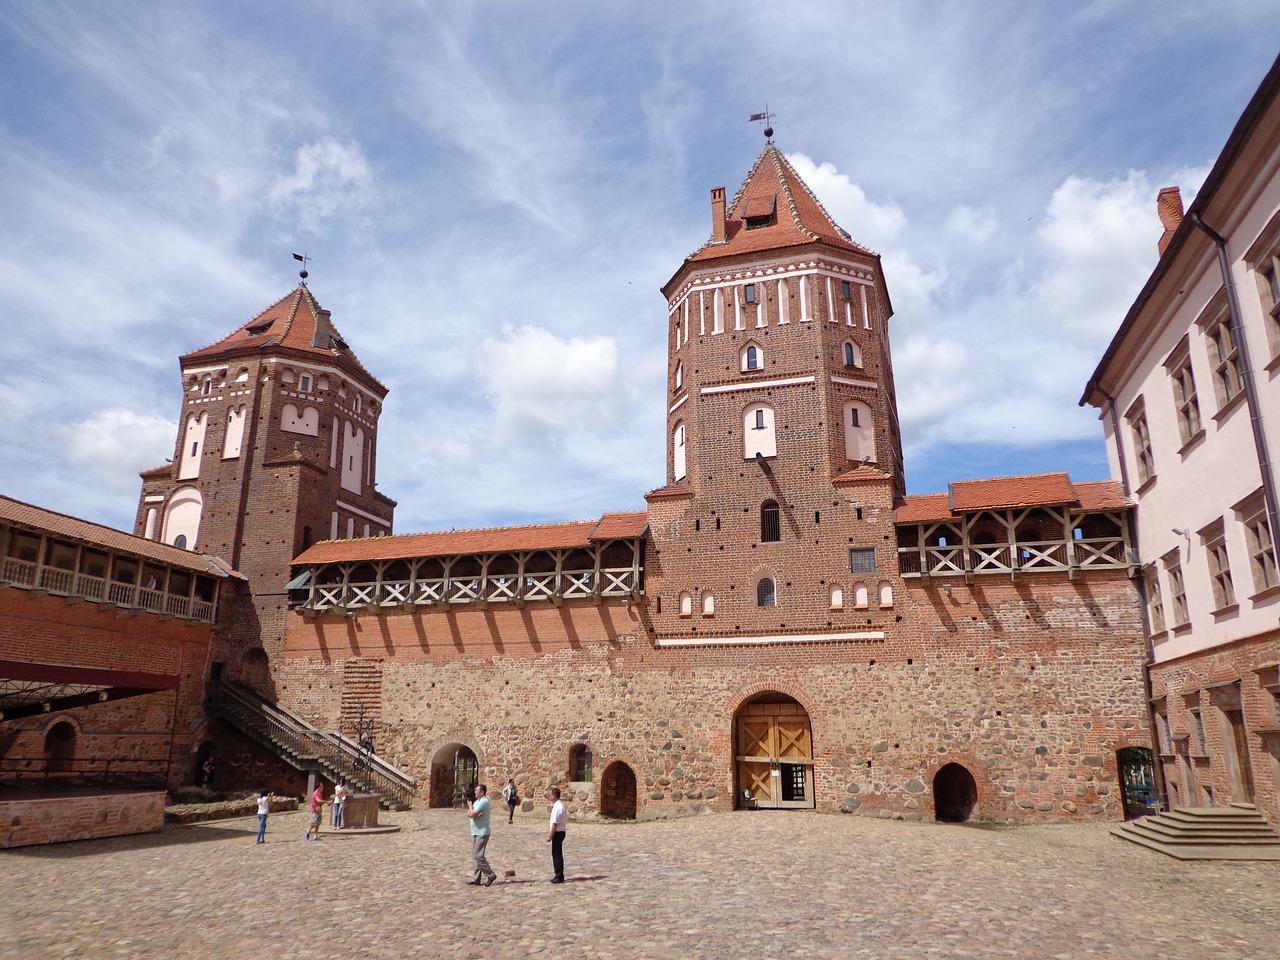 Das Schloss Mir - Wenn du die Sprache sprichst kann ich dir nur einen Urlaub hierher empfehlen auch wenn die Einwohner dich für bekloppt erklären